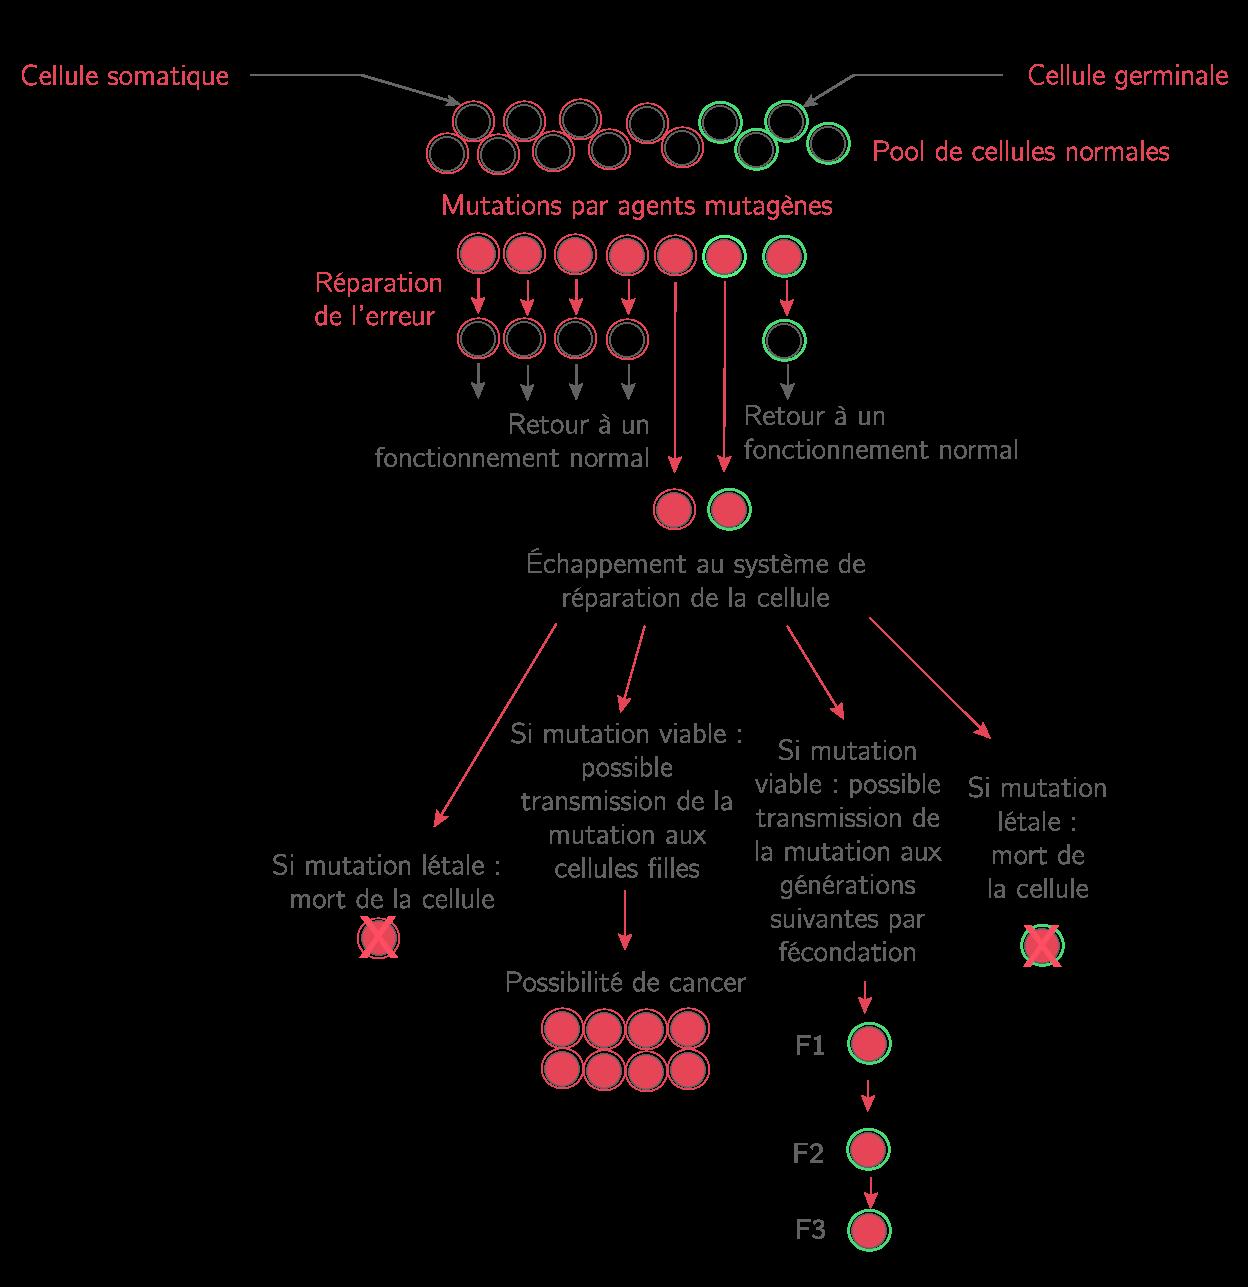 Les mutations et leurs possibles conséquences